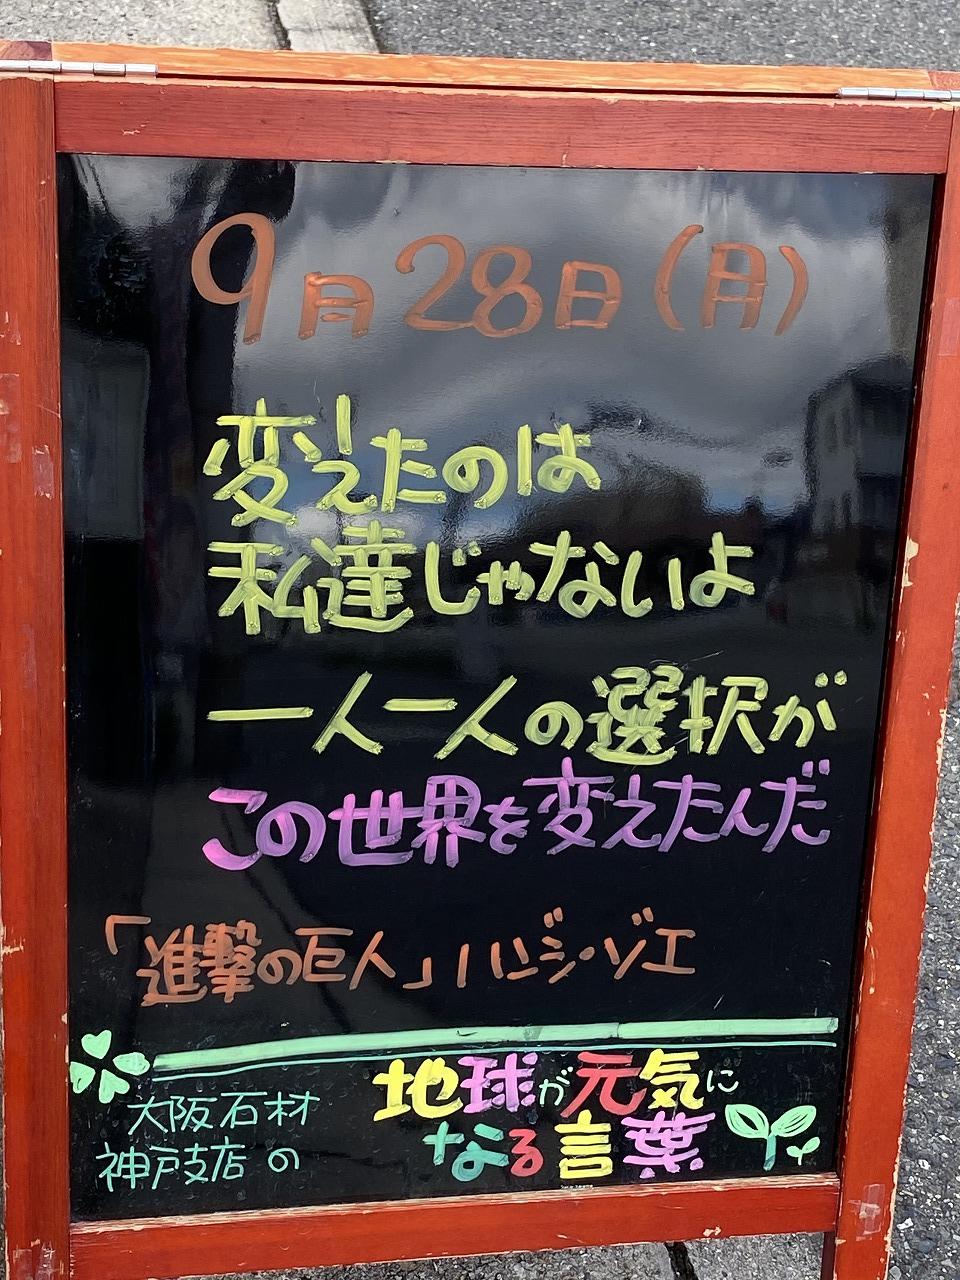 神戸の墓石店「地球が元気になる言葉」の写真 2020年9月28日